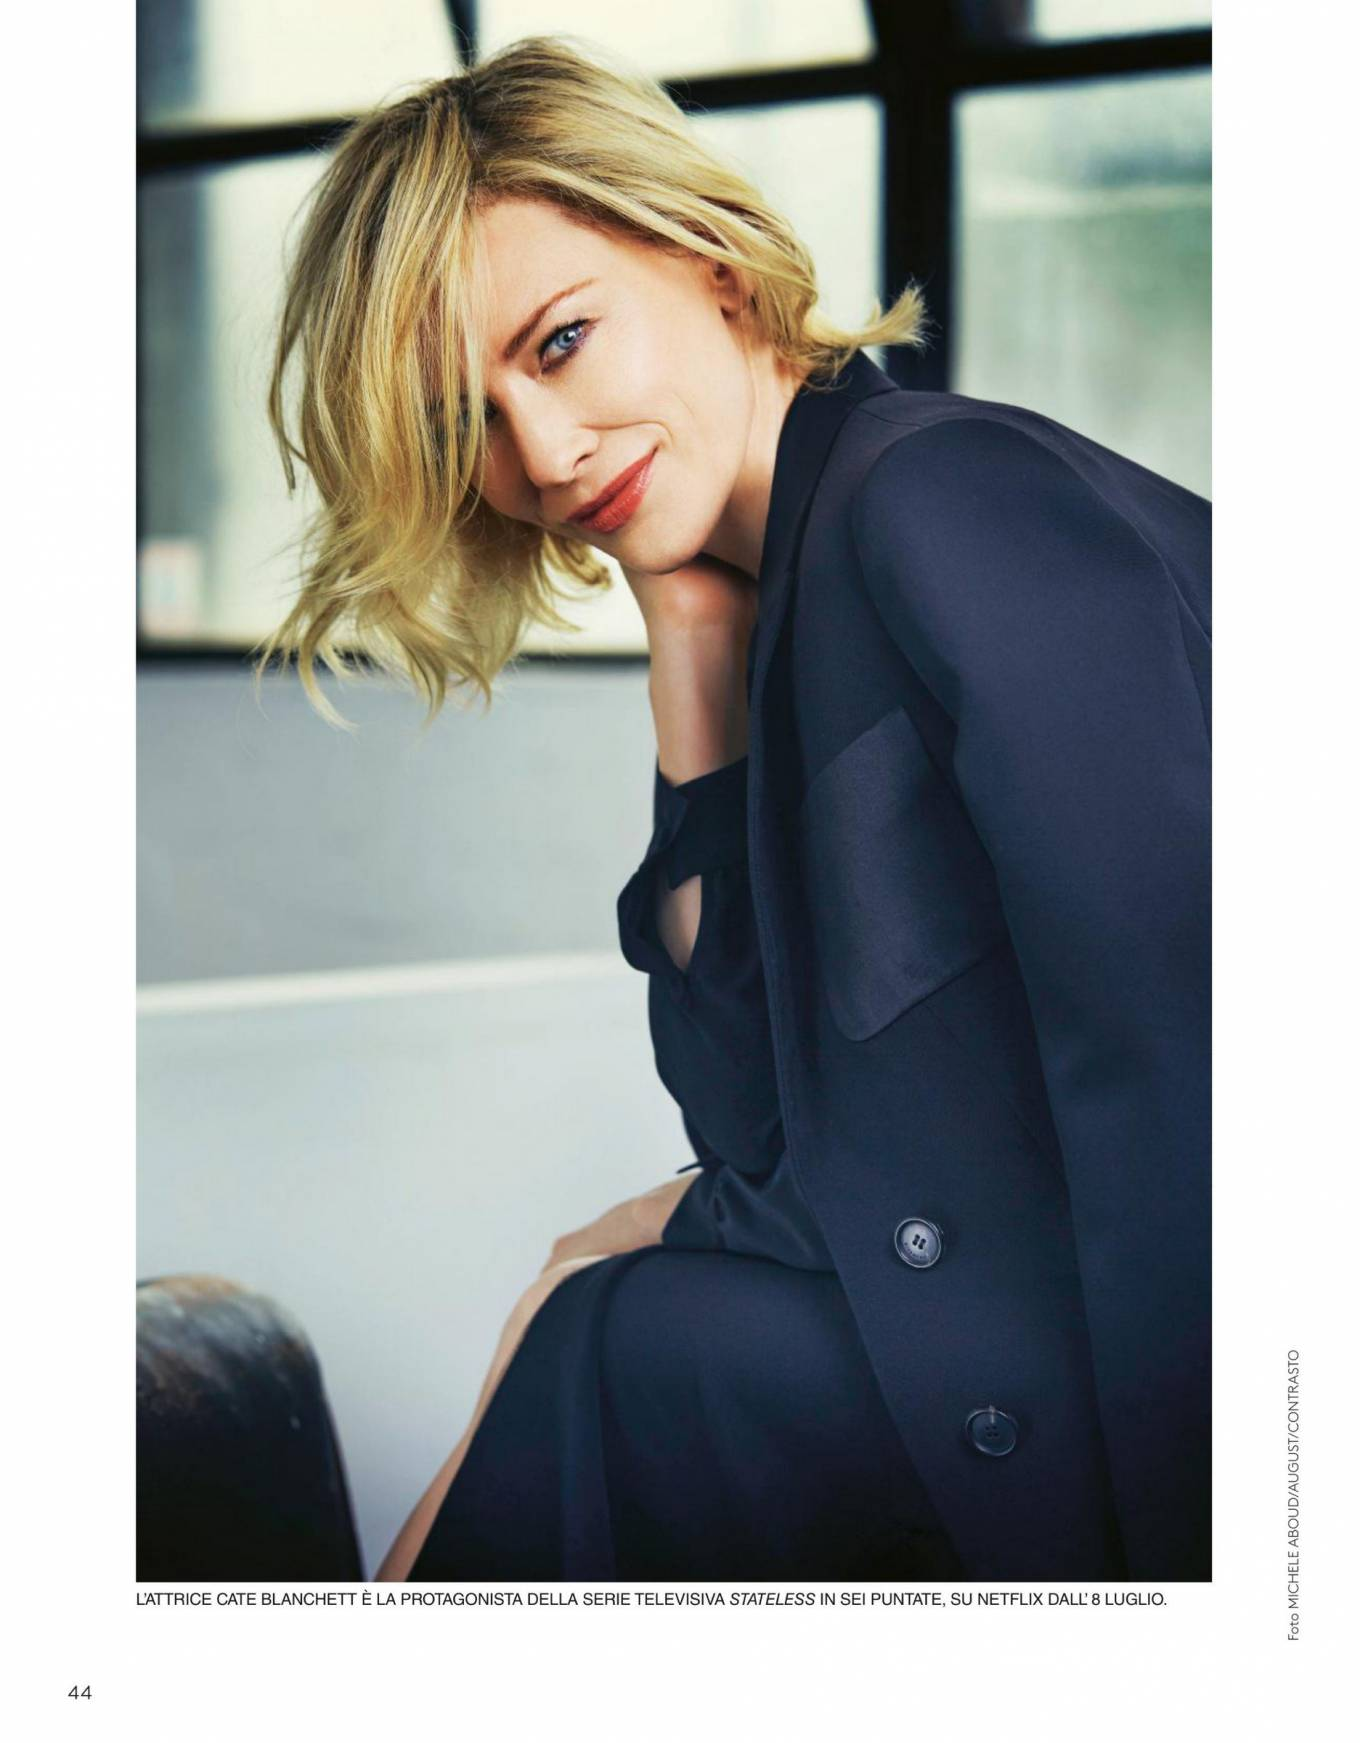 Cate Blanchett 2020 : Cate Blanchett – Grazia Italy 2020-05